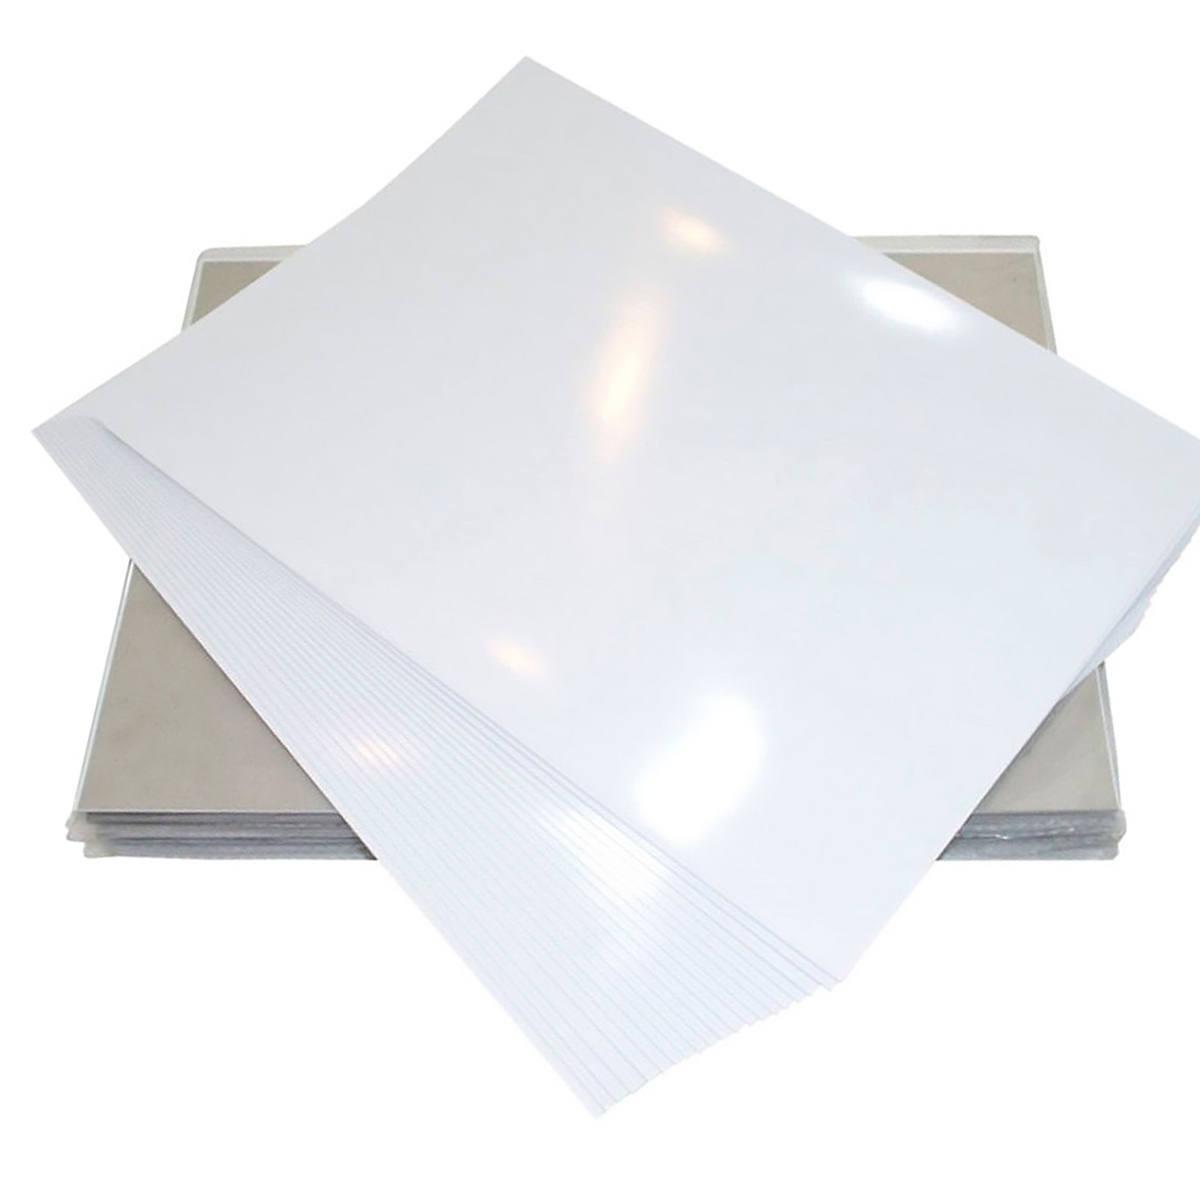 Filme Adesivo Branco Glossy à prova d'água 135g A4 210mmx297mm com Brilho / 10 folhas